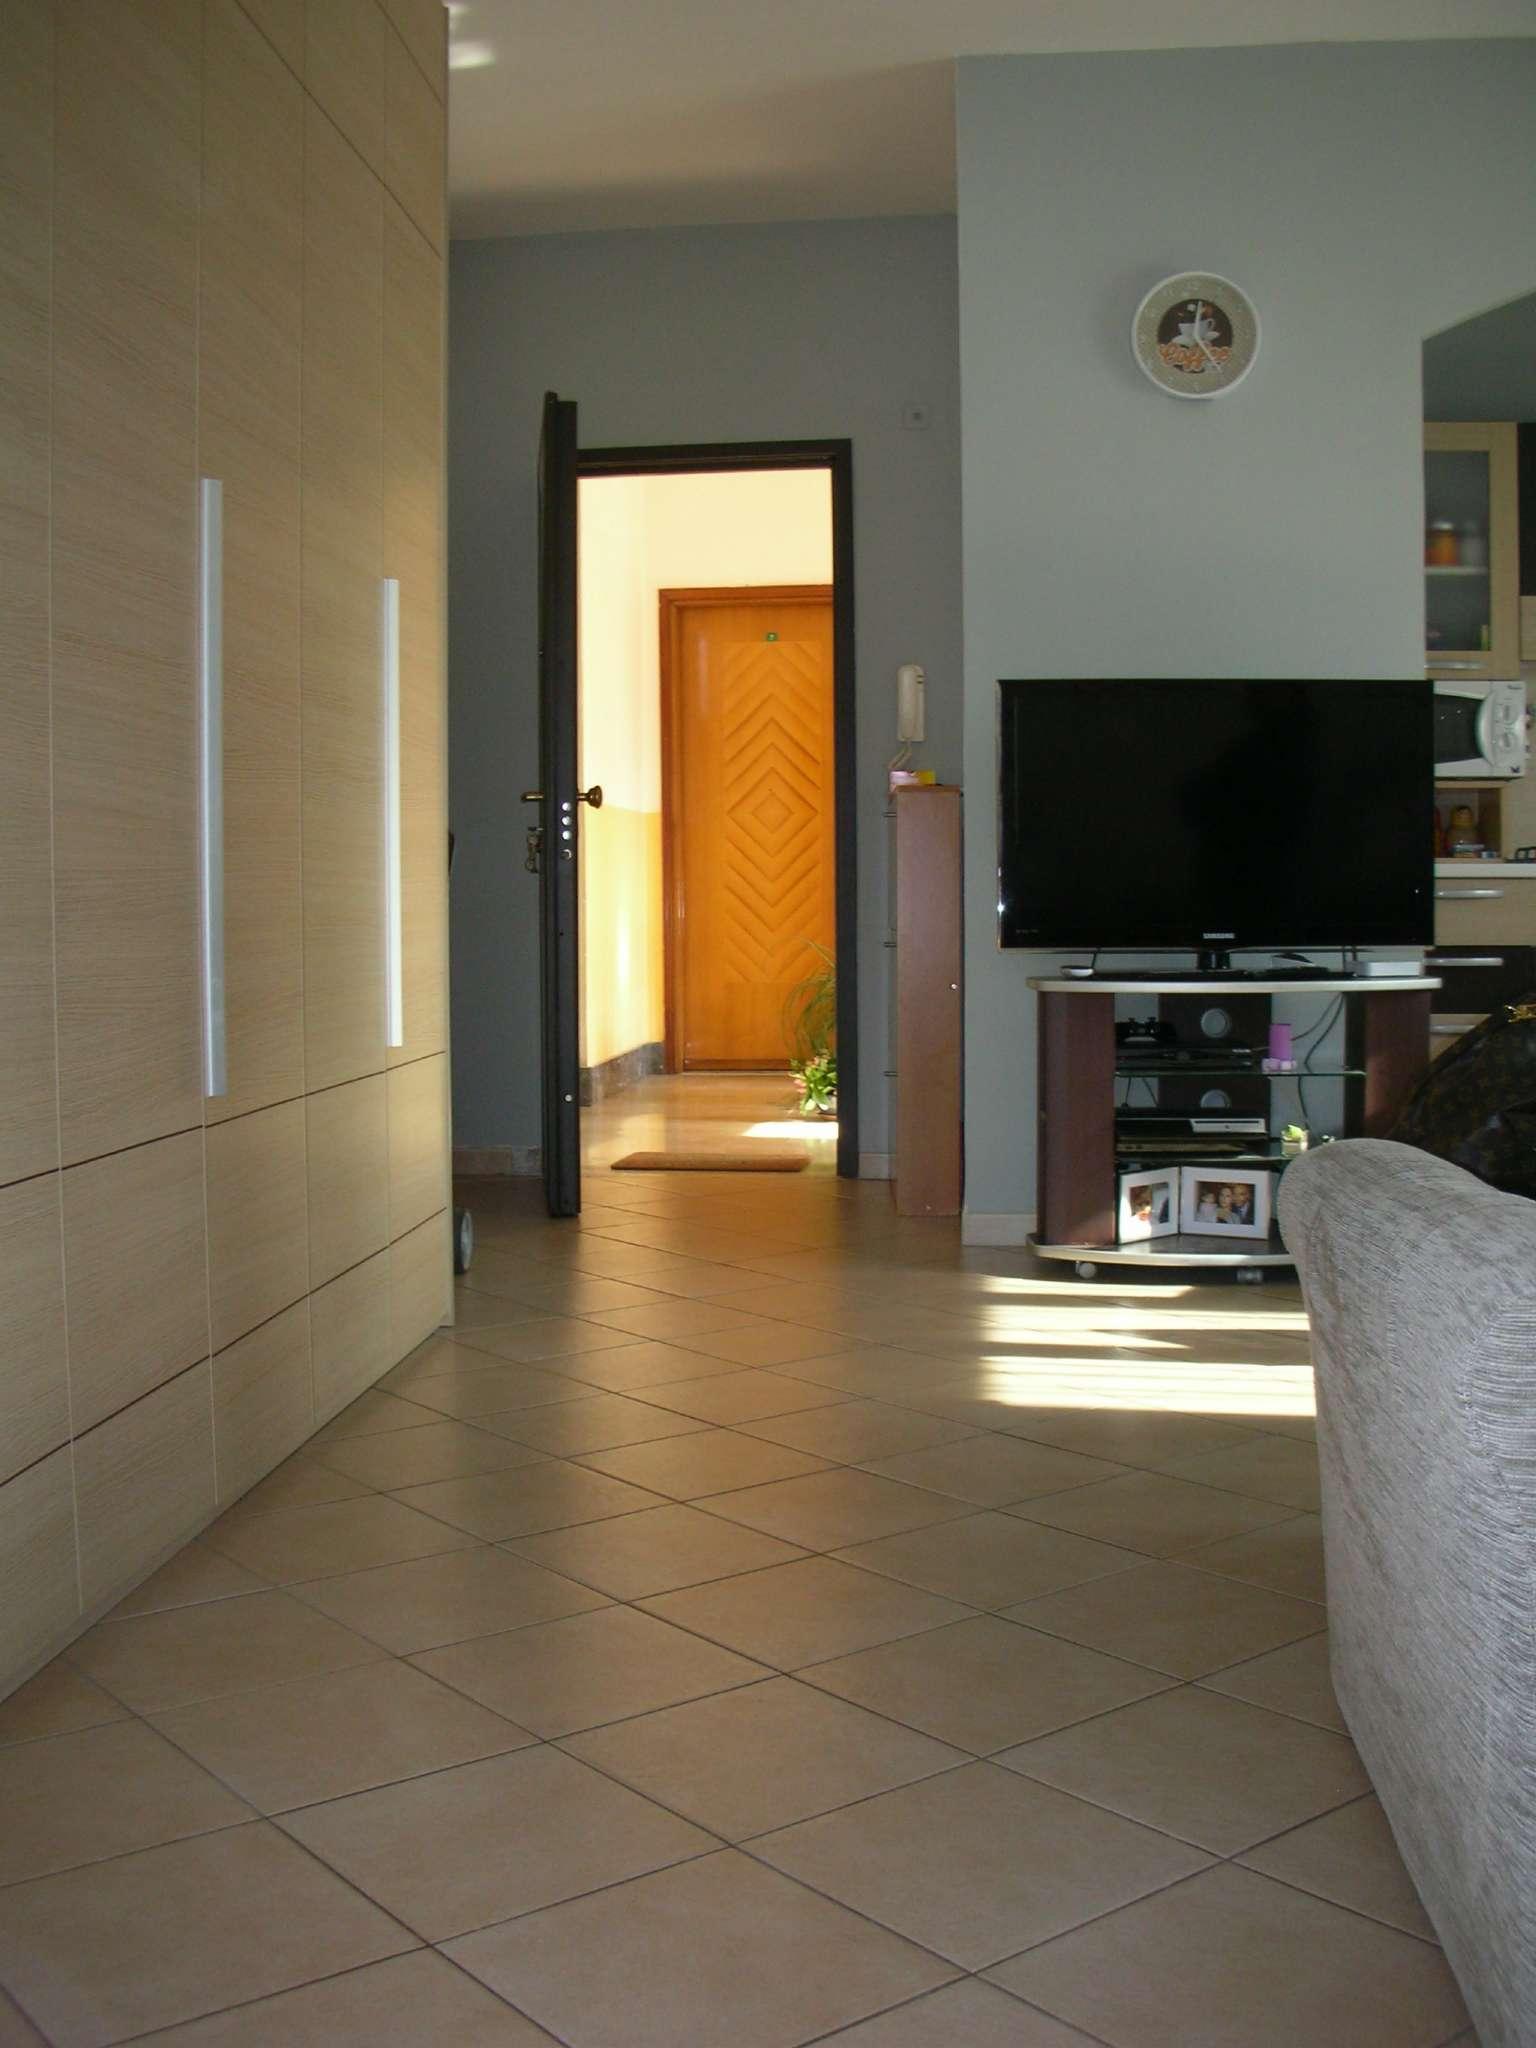 Appartamento in vendita a Chivasso, 1 locali, prezzo € 45.000   Cambio Casa.it